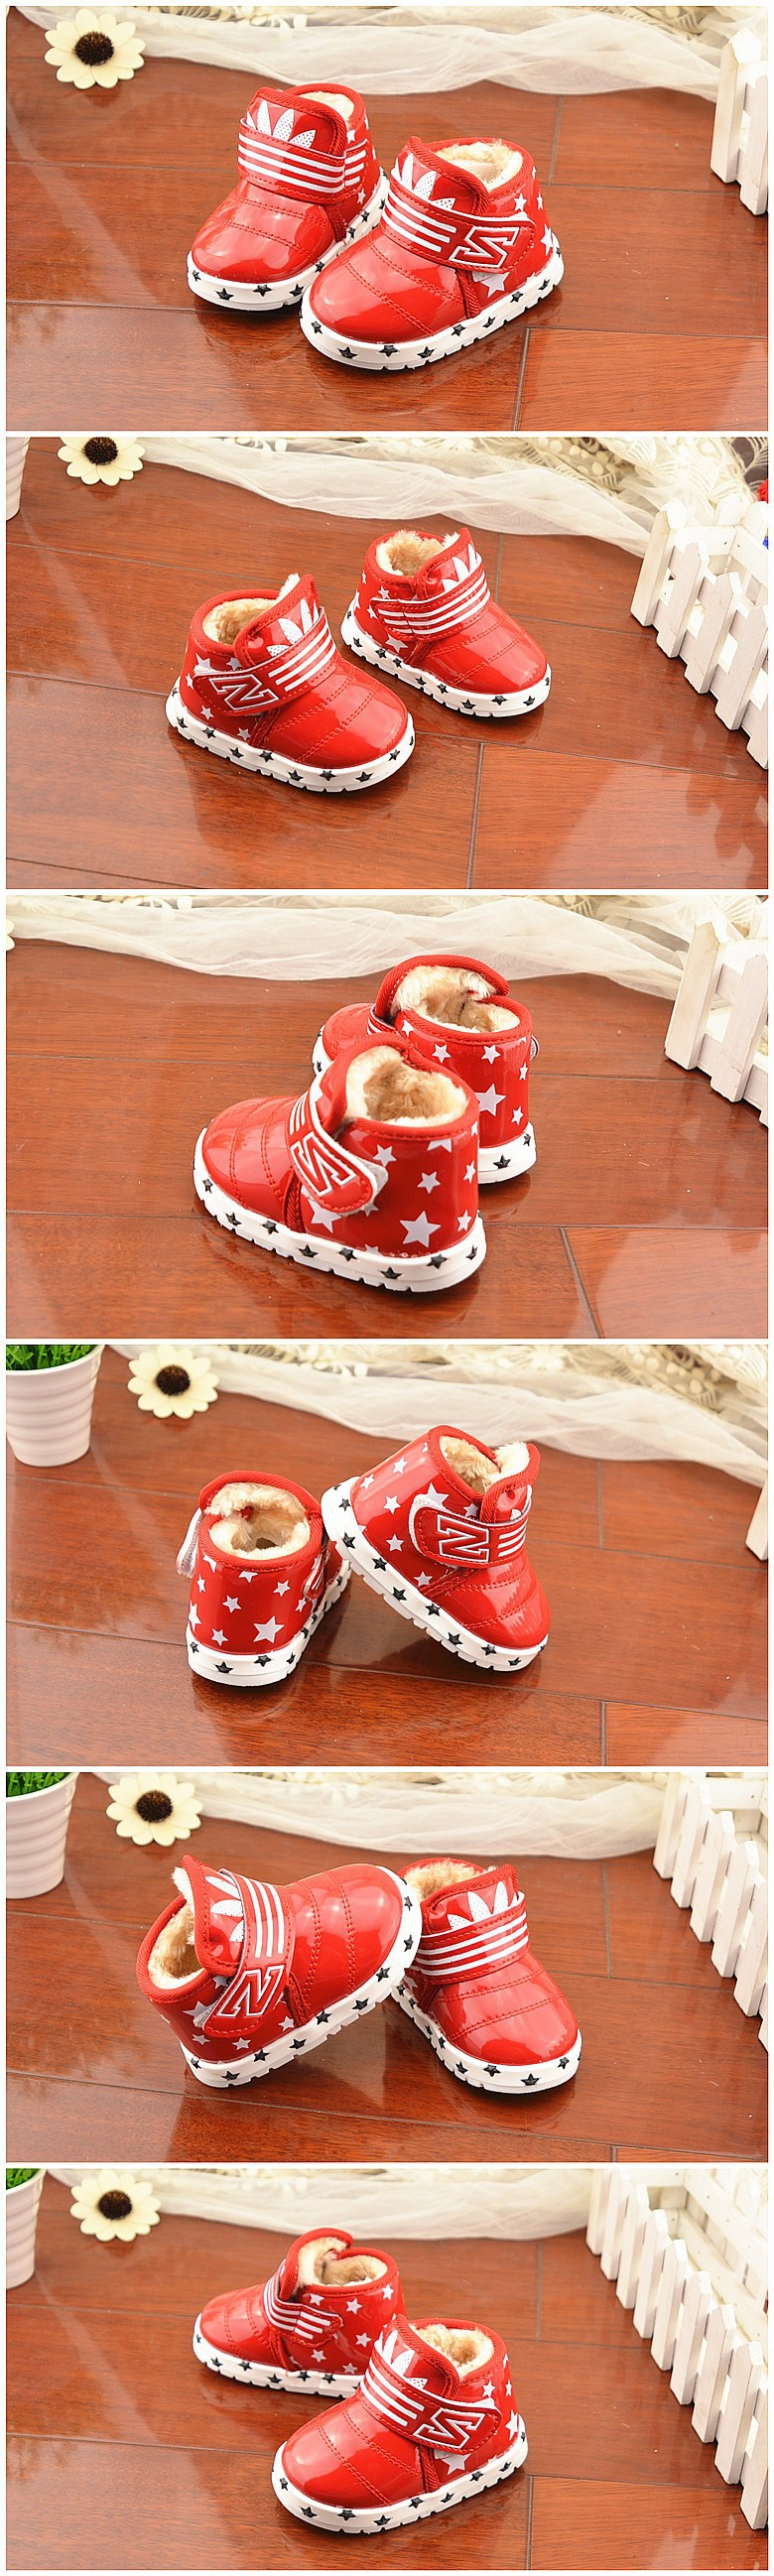 новый мода дети снег сапоги искусственная кожа свободного покроя дети плюшевые согреться загрузки зимняя обувь для мальчиков и девочек бесплатная доставка